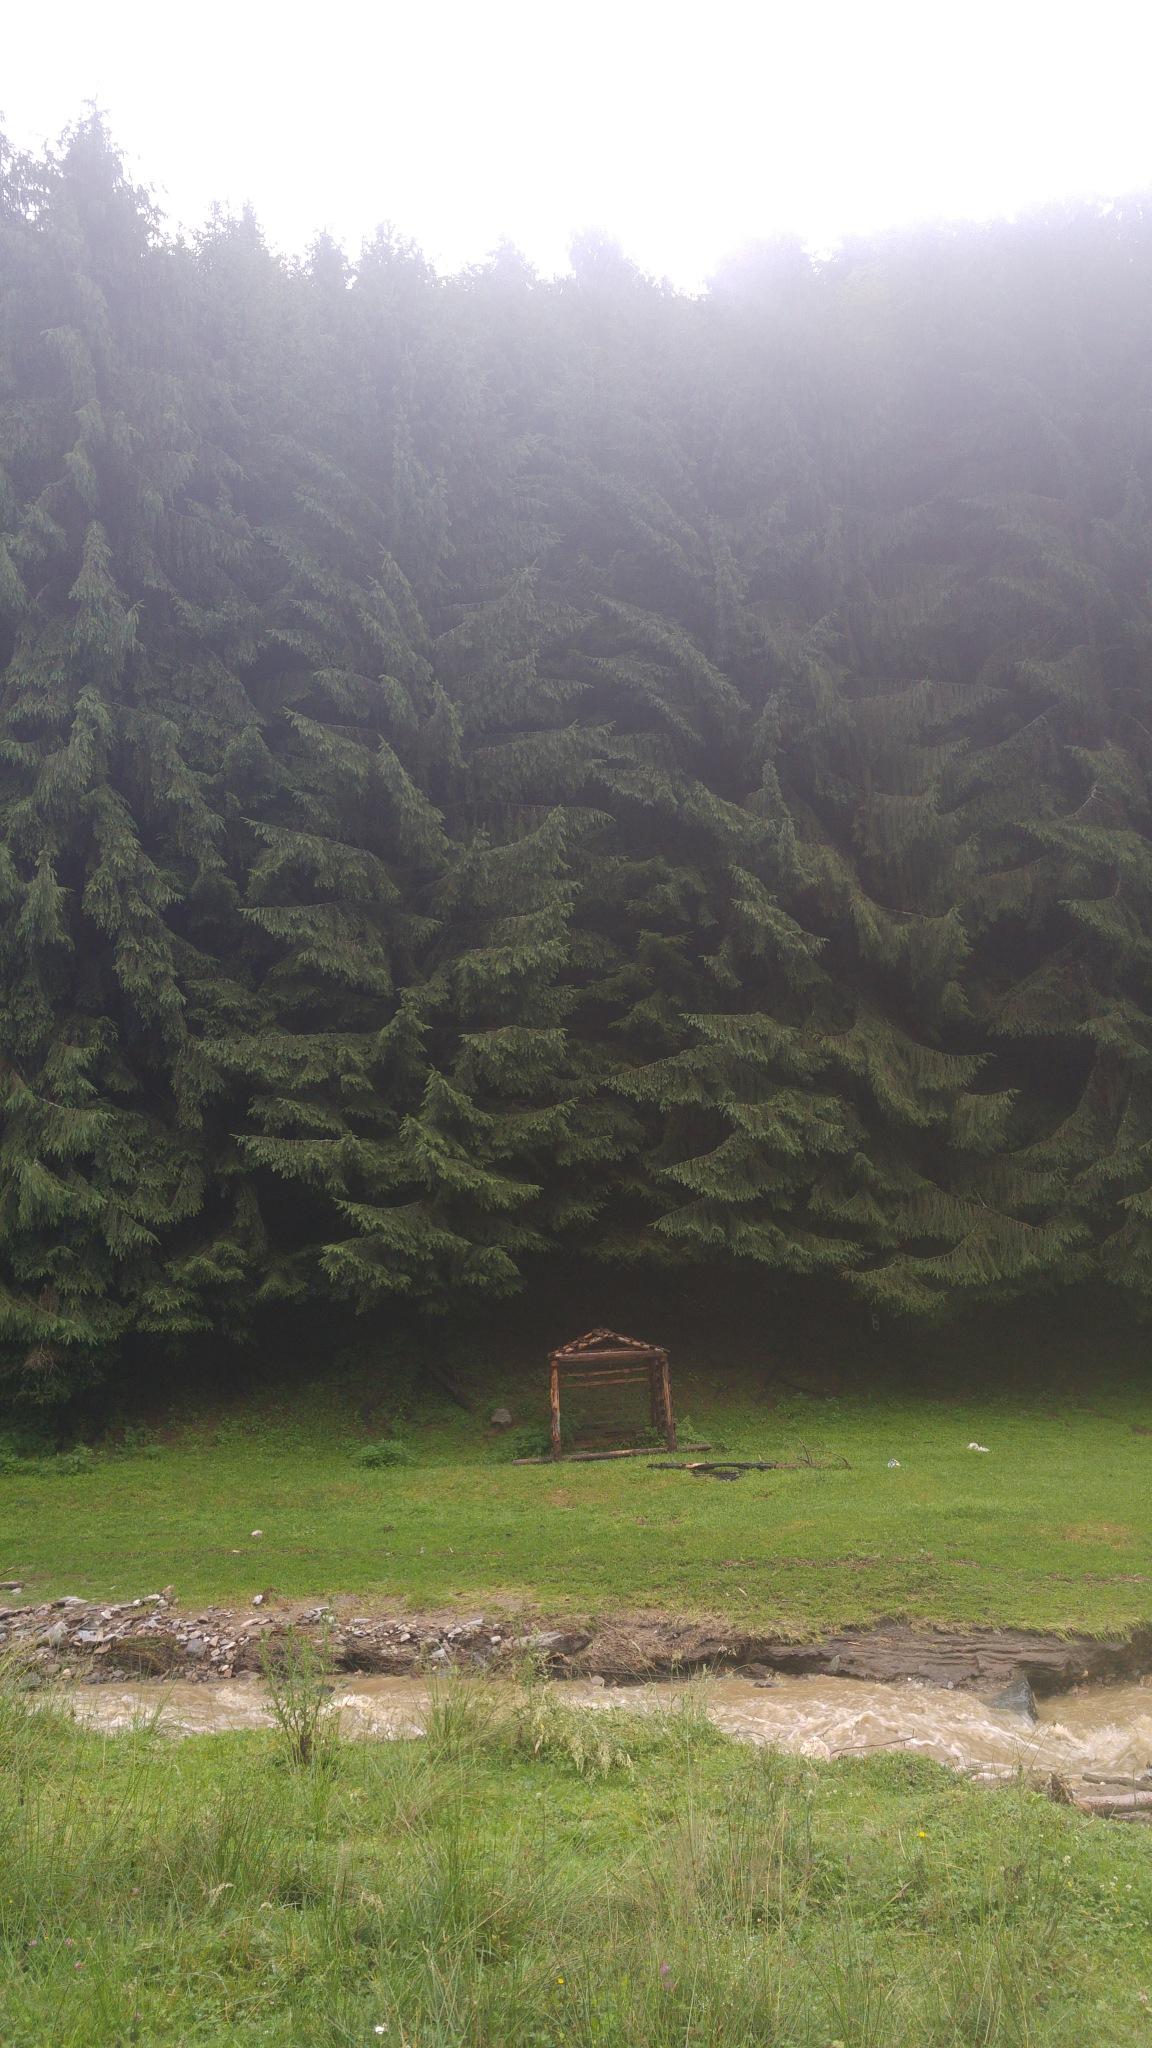 #hut #treee by George